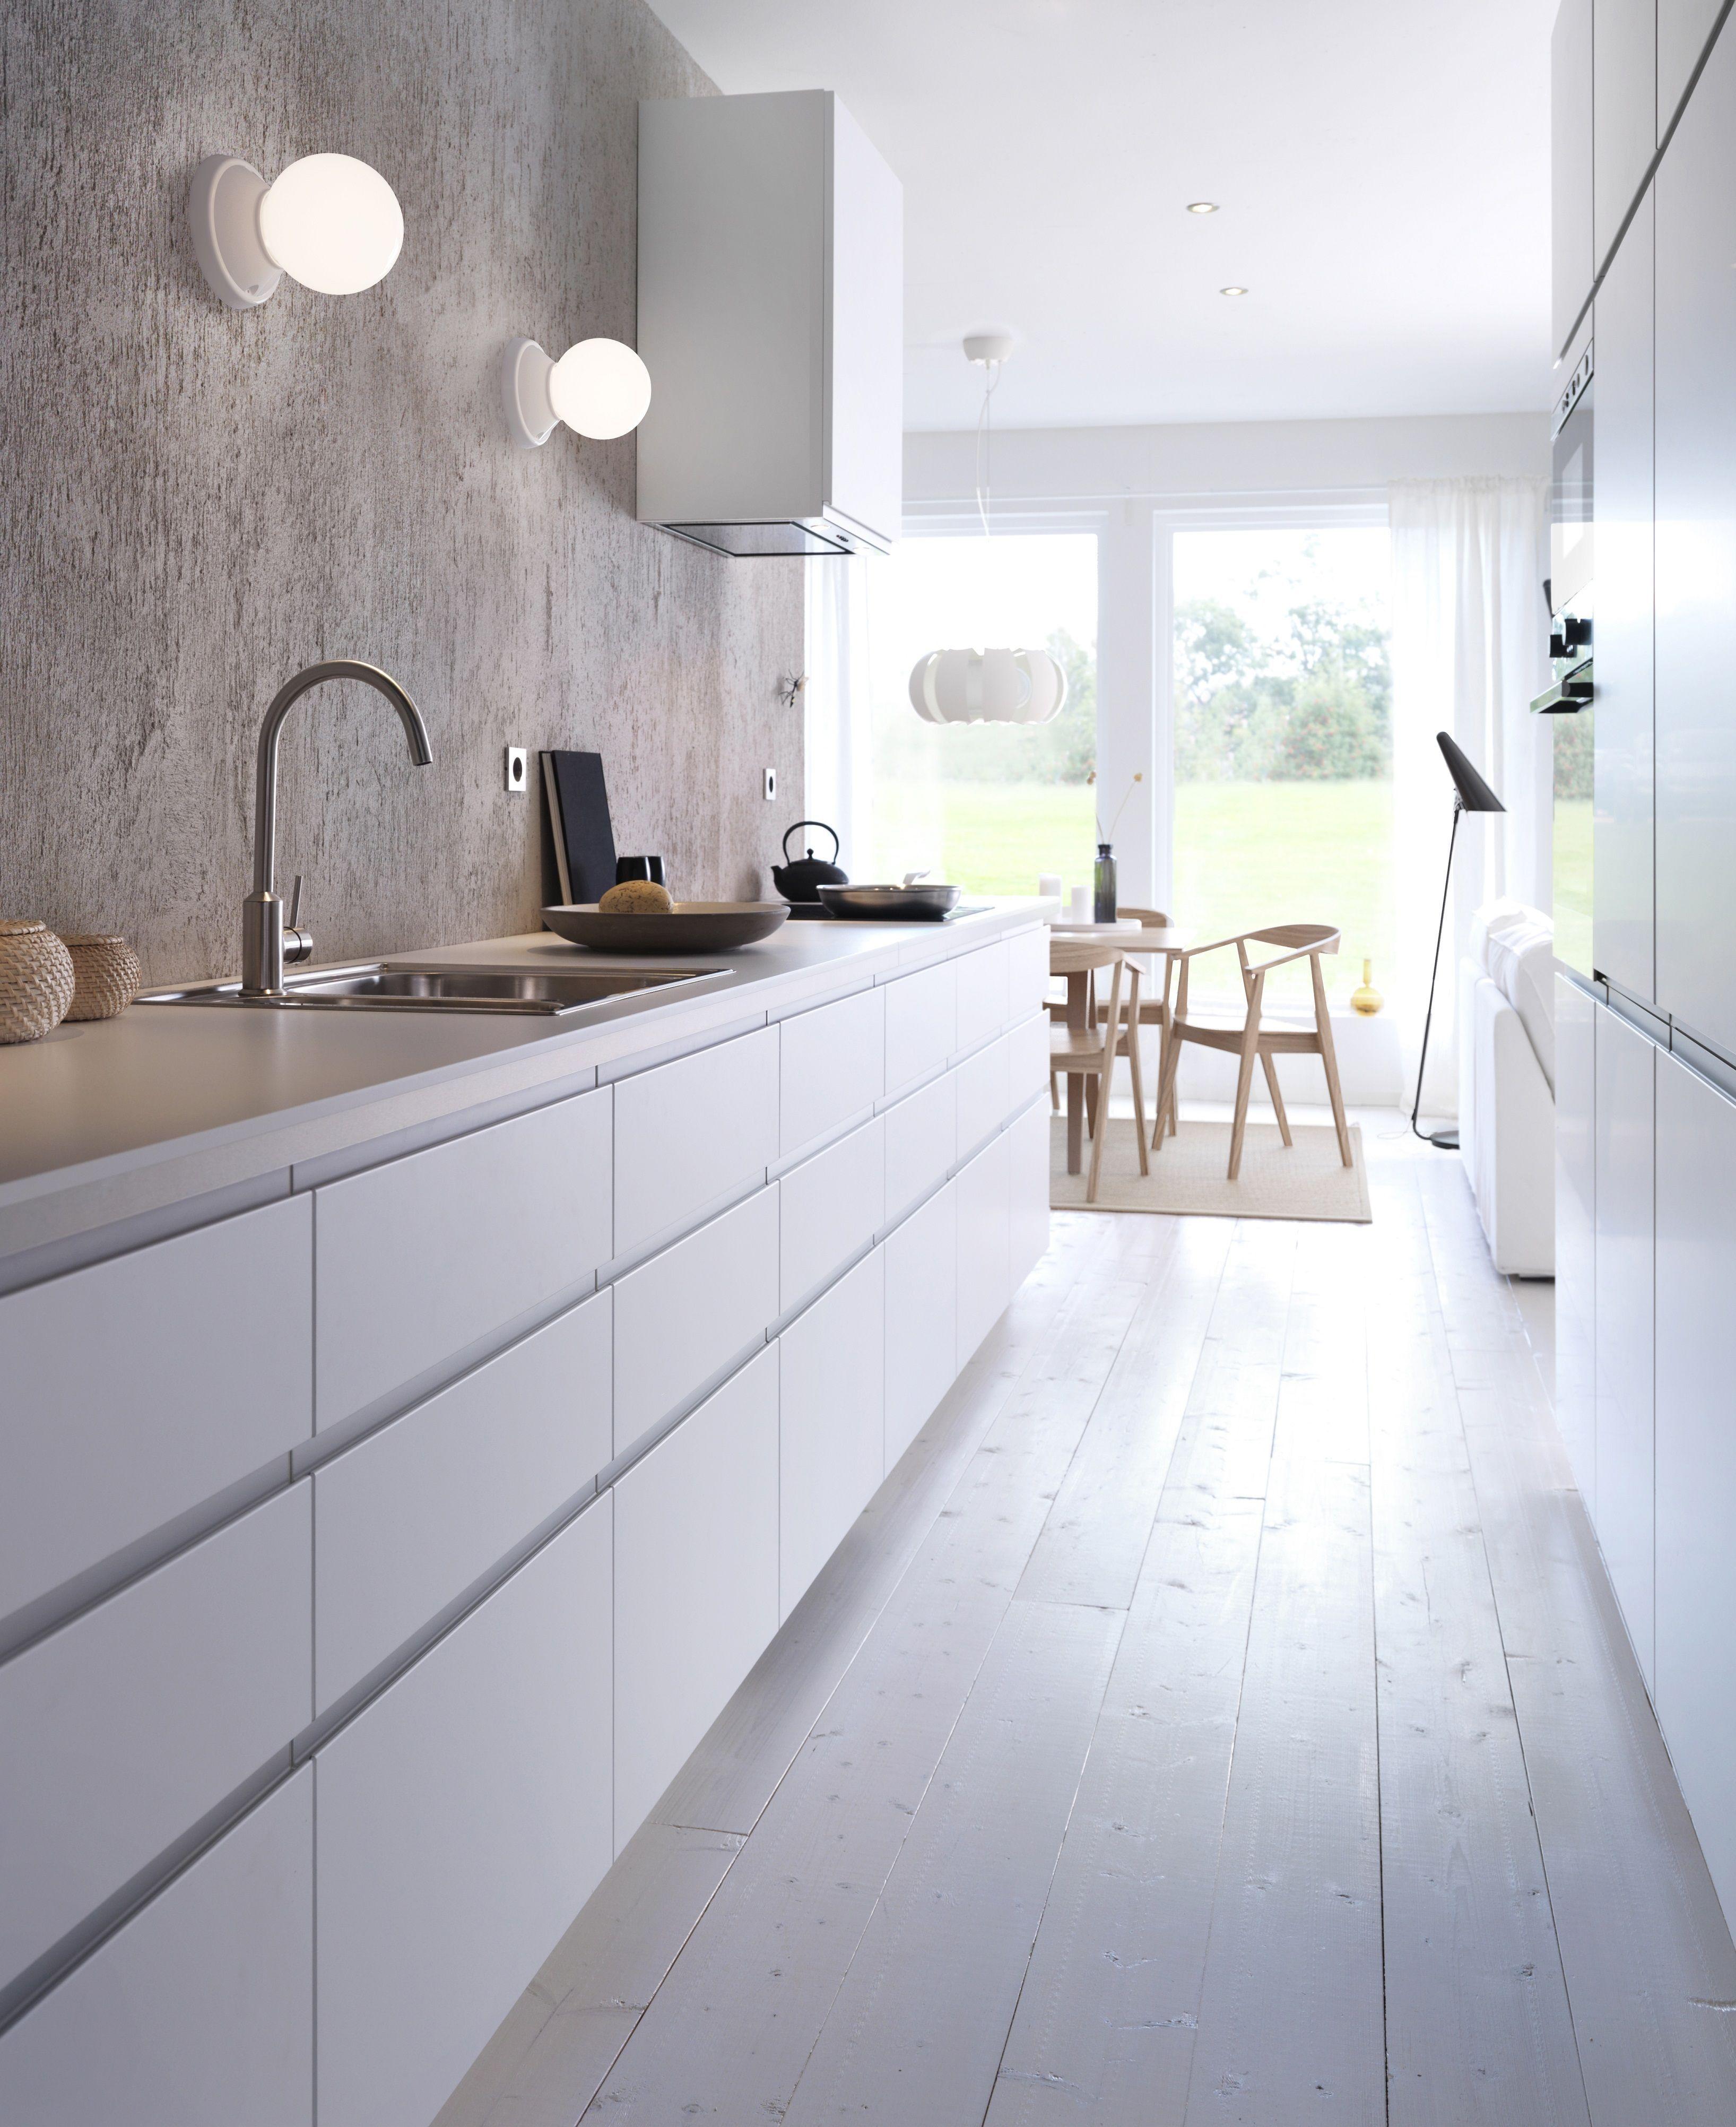 Greeploos Ikea Keuken Modern Kitchen Minimalist White No